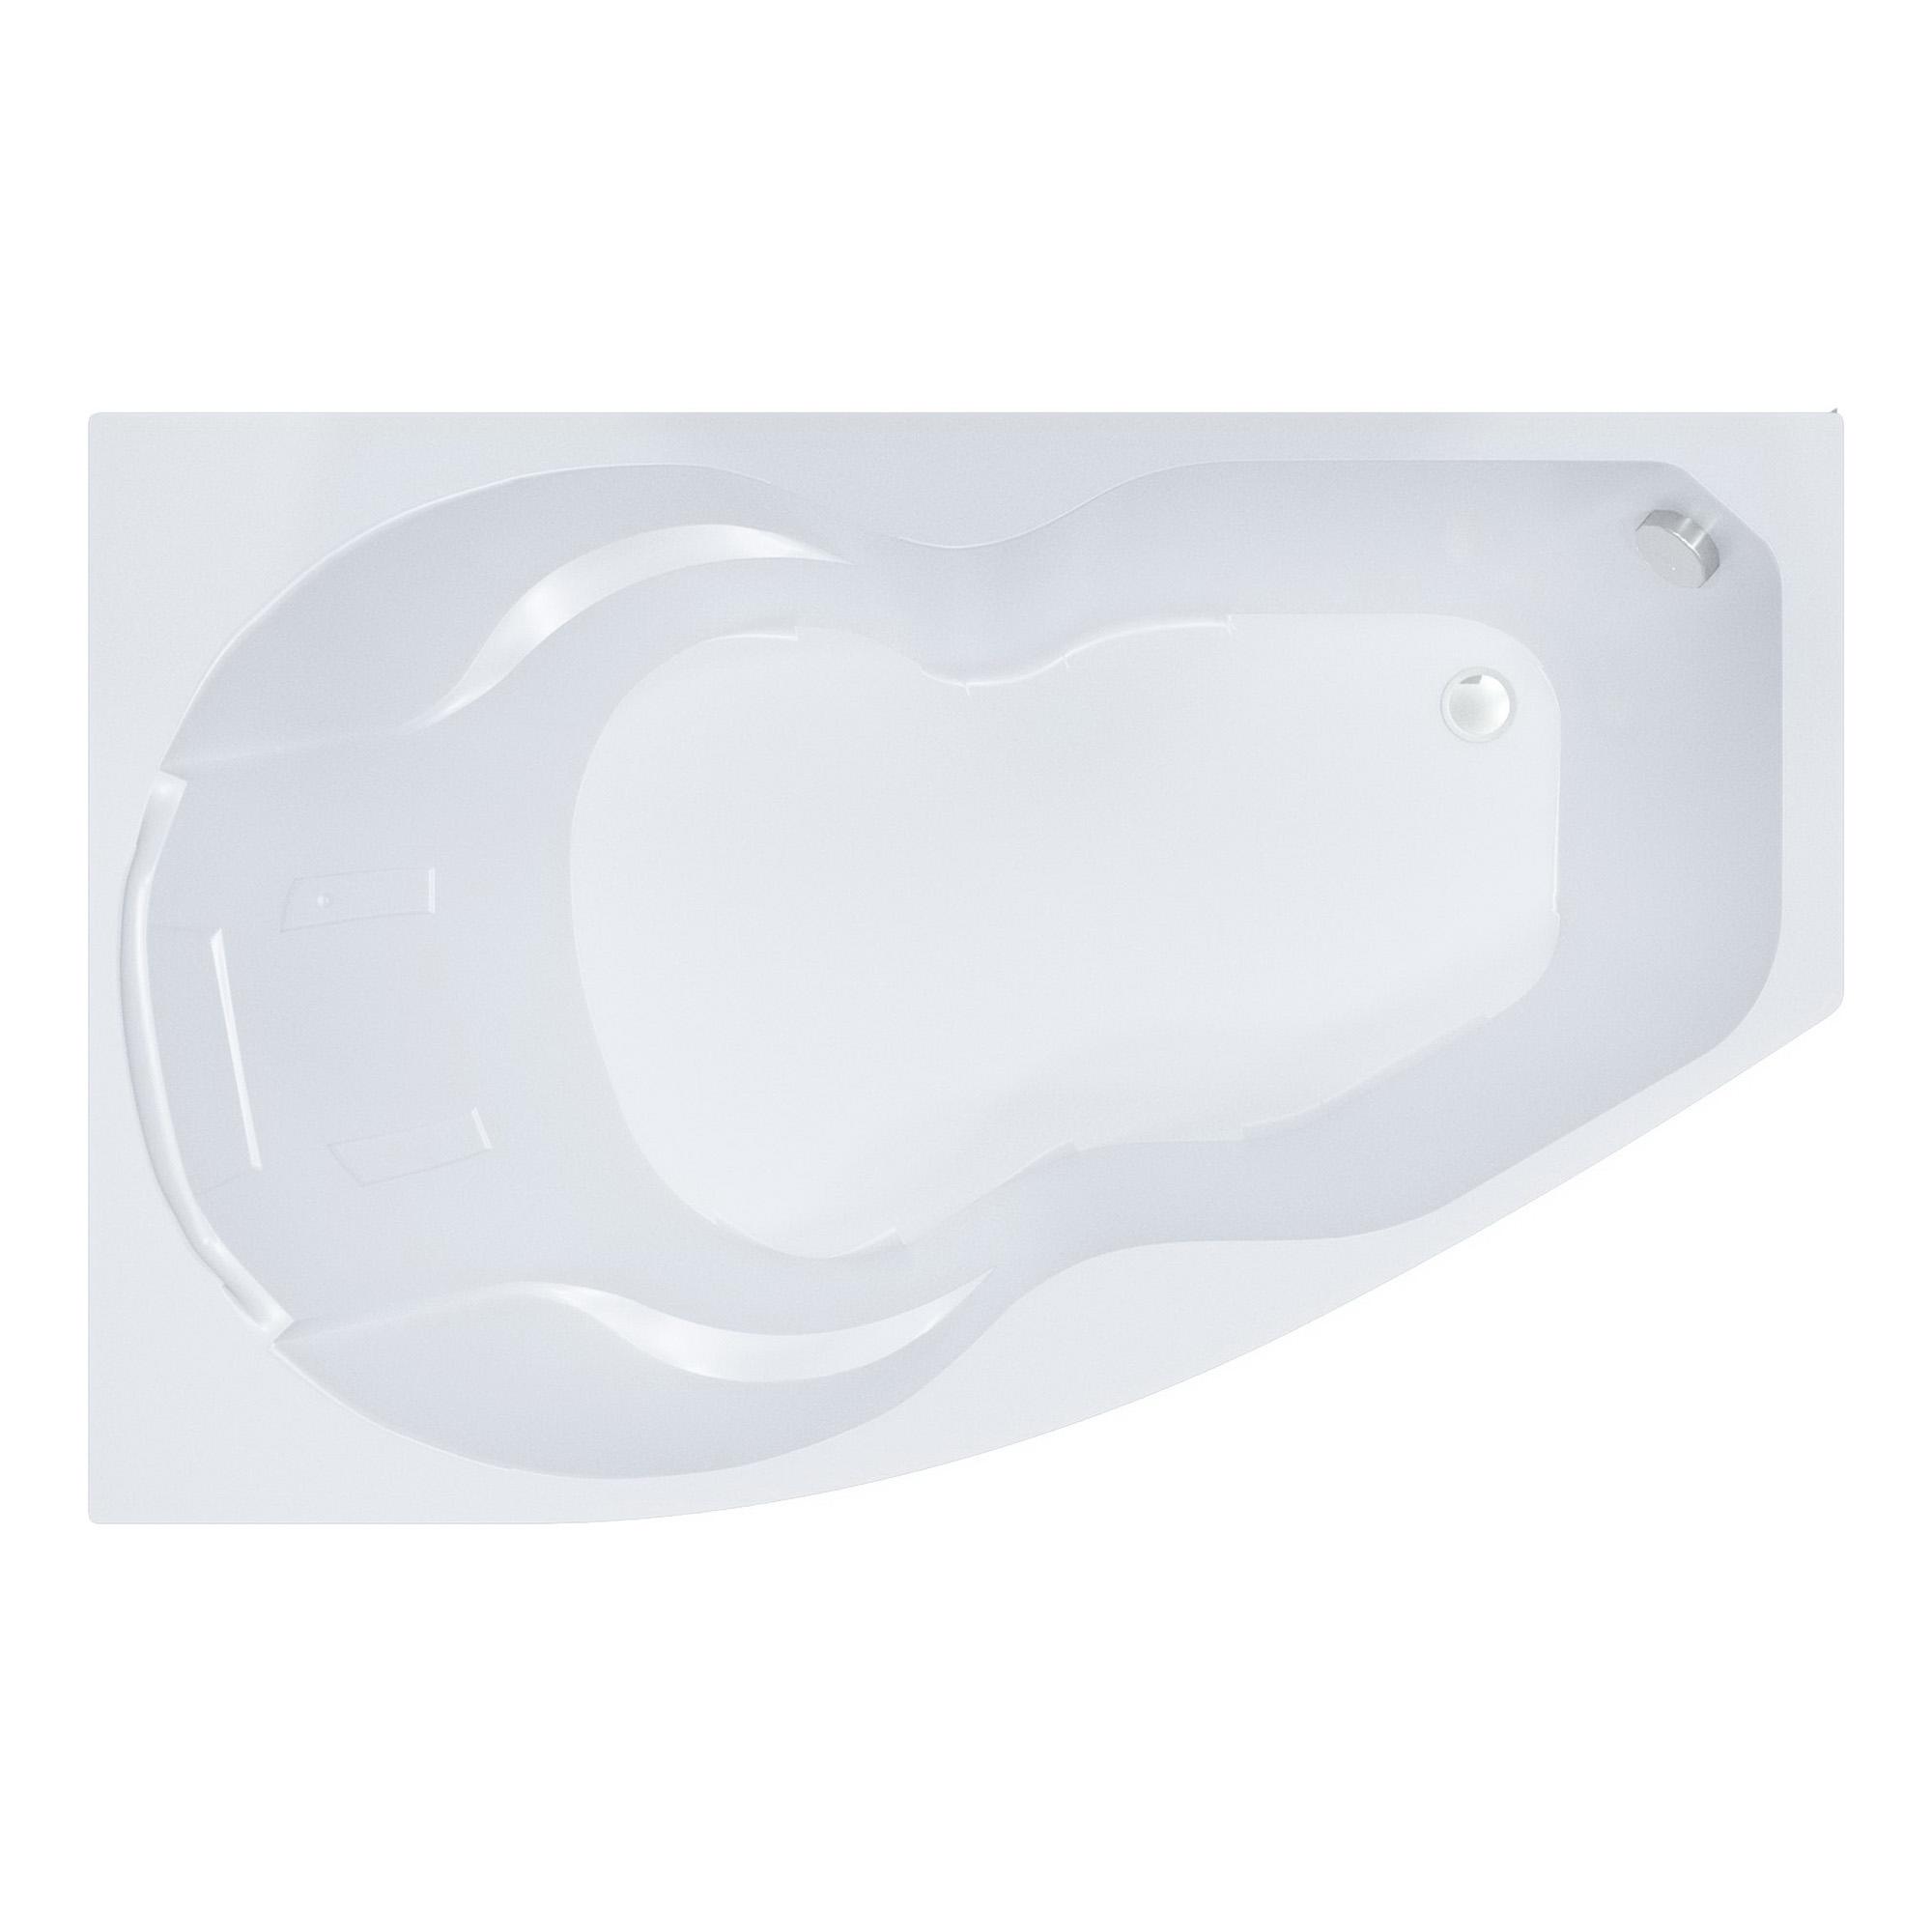 Акриловая ванна Тритон Лайма правая акриловая ванна triton лайма правая